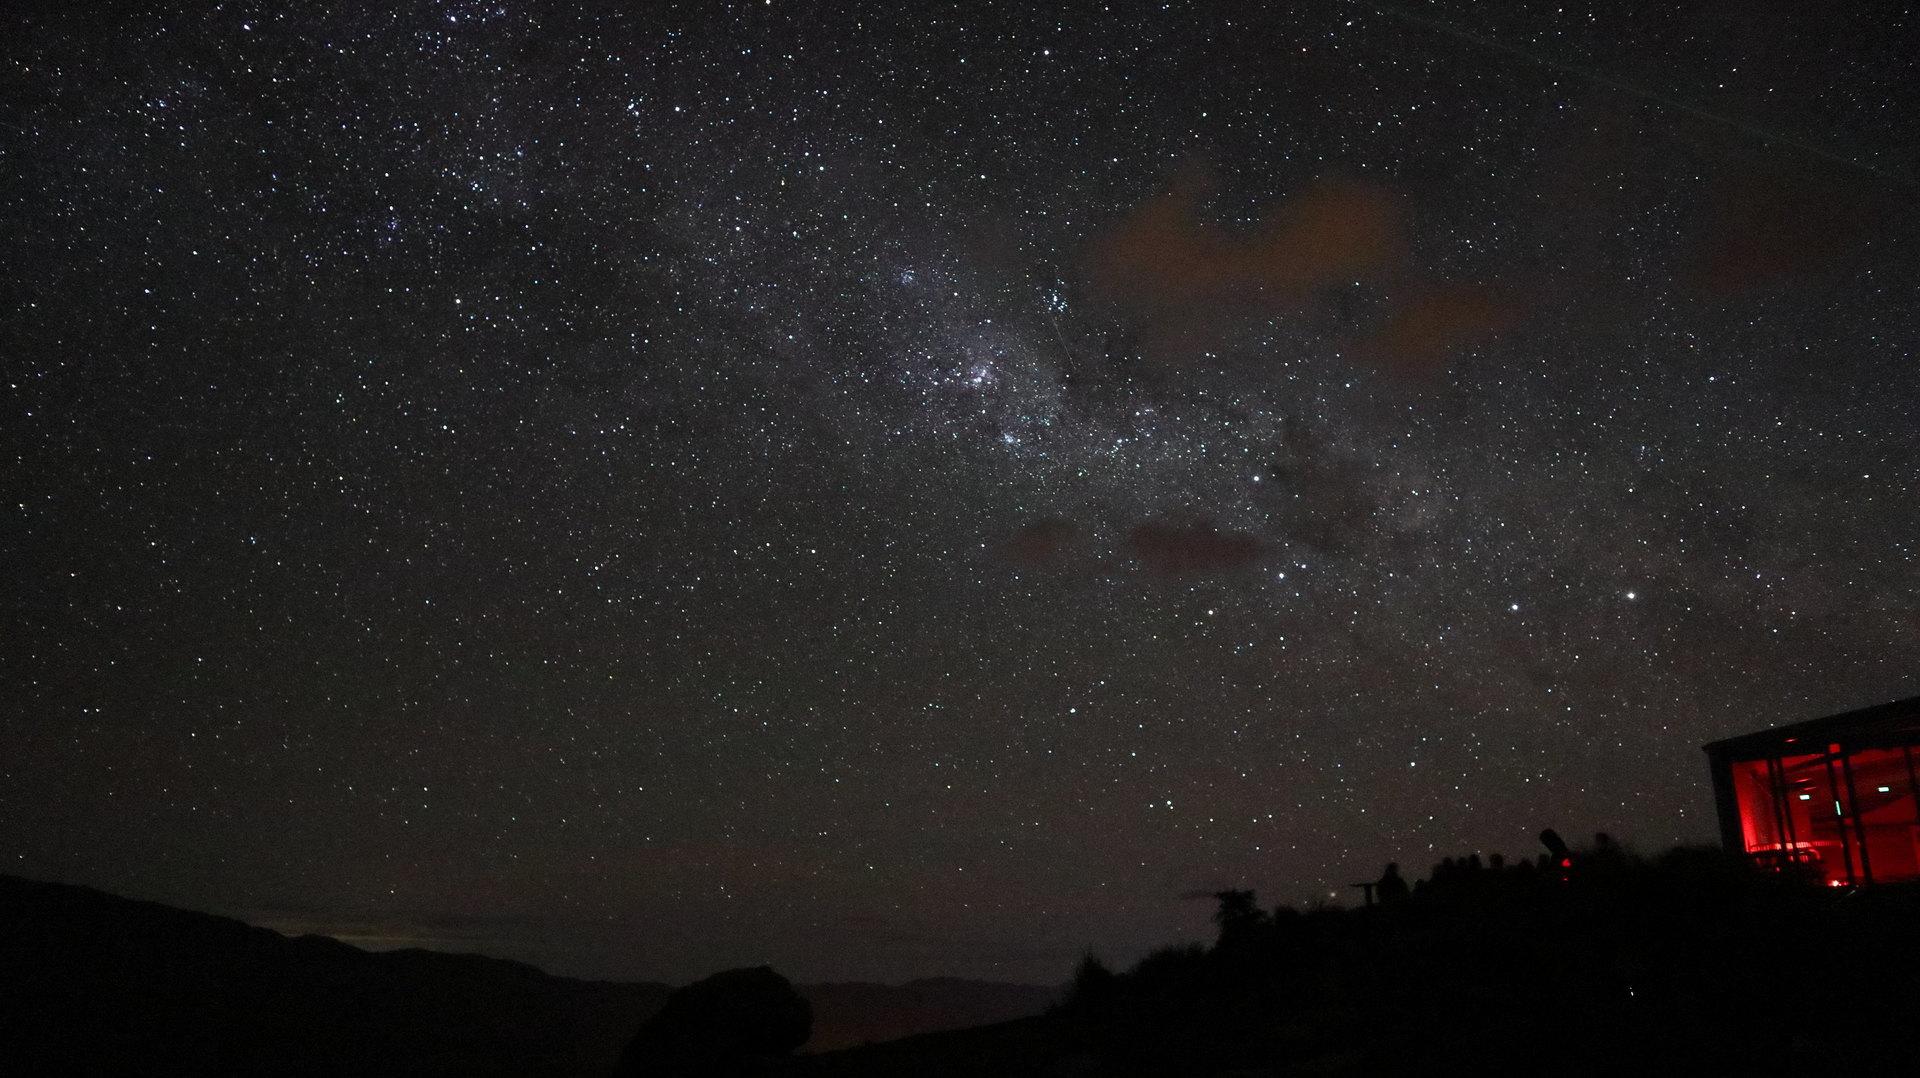 満天の星でスタッフの説明も分かり易くて最高でした!